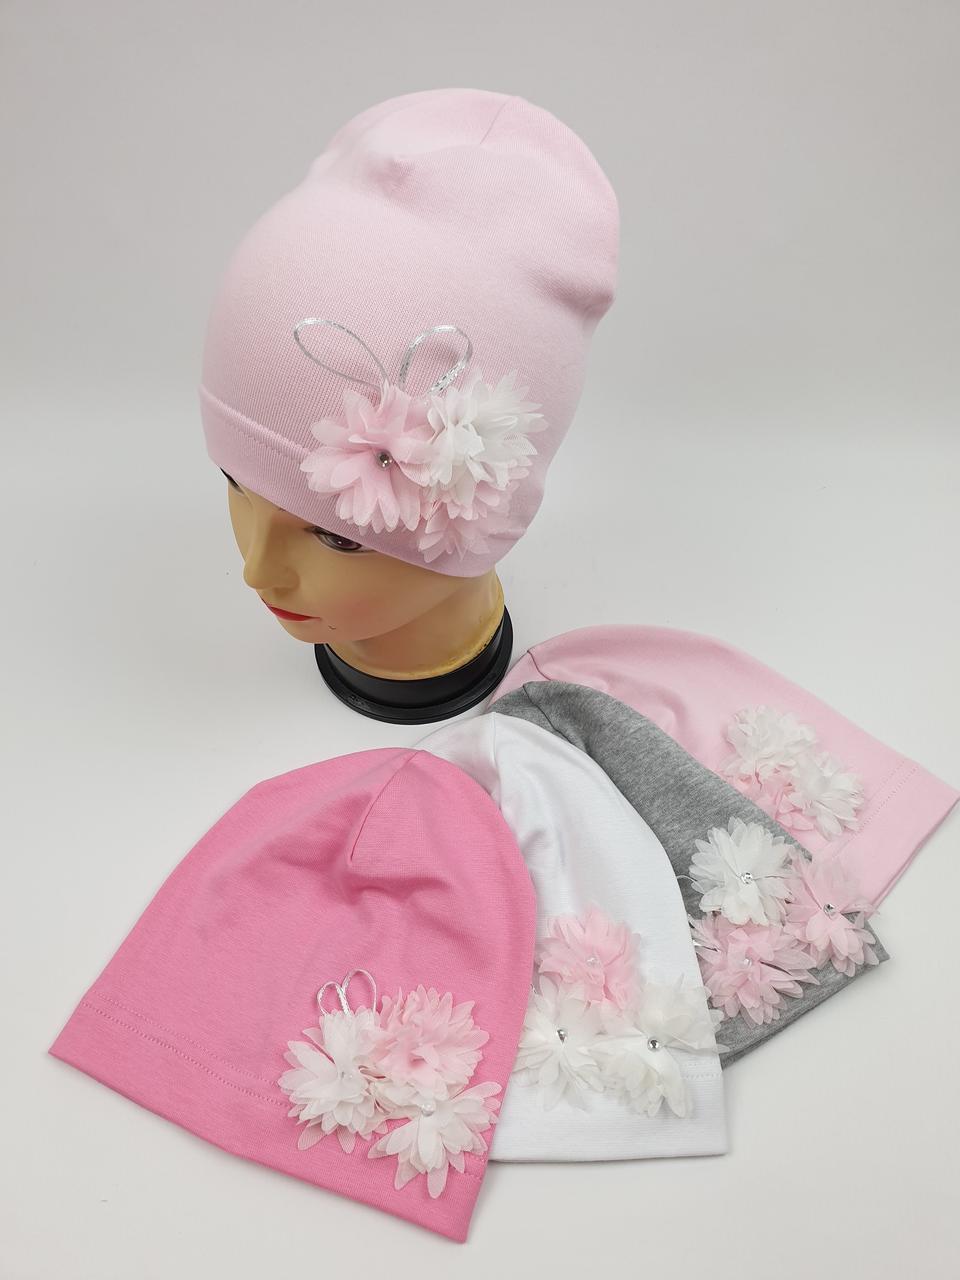 Детские демисезонные трикотажные шапки для девочек оптом, р.46-48, 50-52, Польша